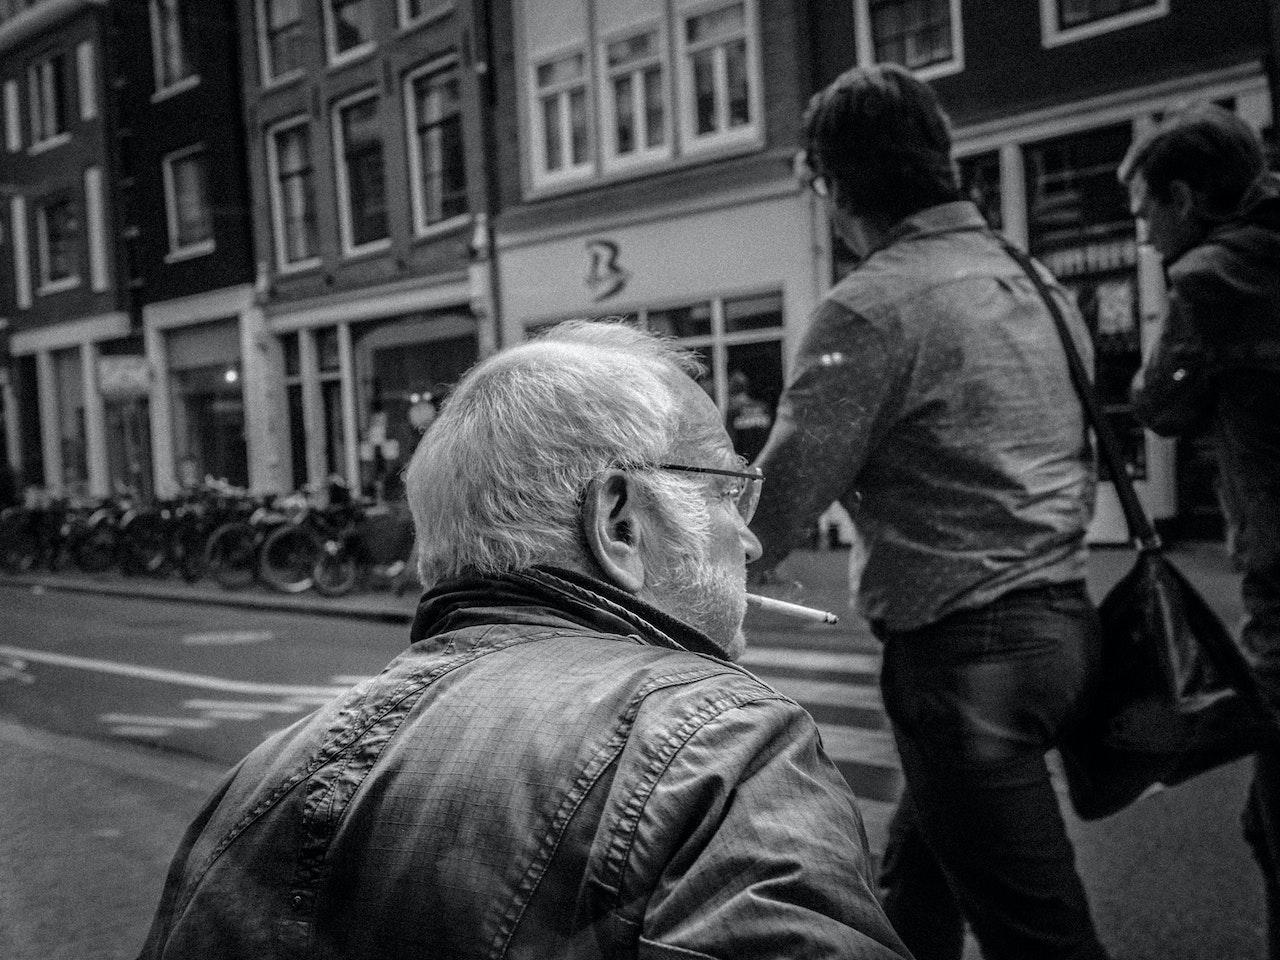 Man-Smoking-Amsterdam-small